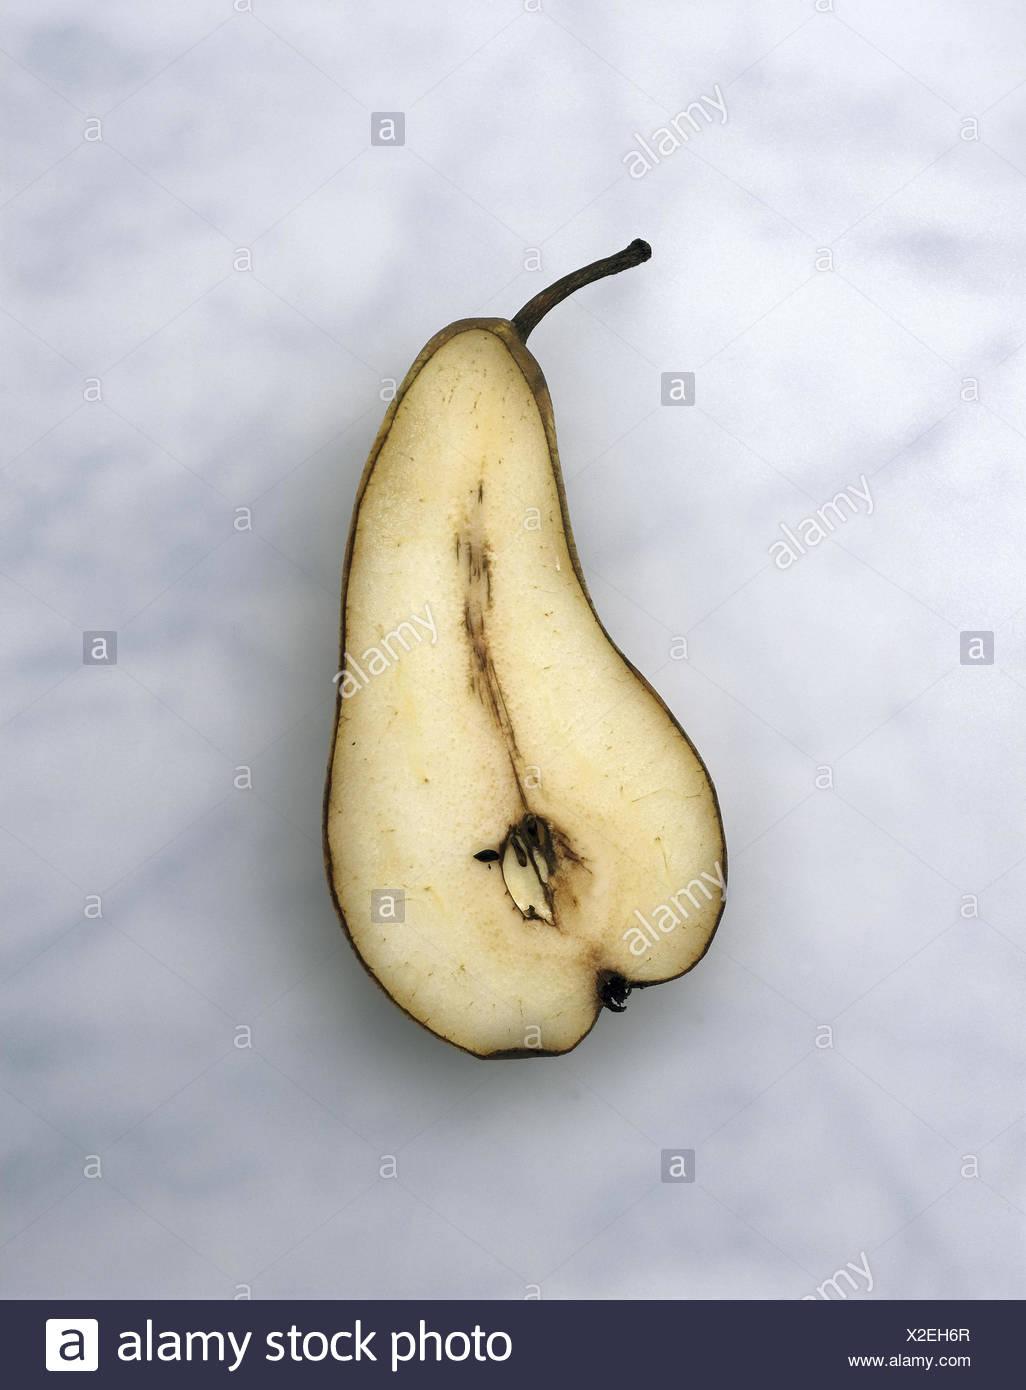 Birne, Hälften, braun, Obst, Birnen, halb, halb, Obst, Pyrus Communis, Kernobst, Ernährung, Essen, gesund, reich an Vitamine, Vitamine, genannt, Produktfotografie, Still Life Stockbild